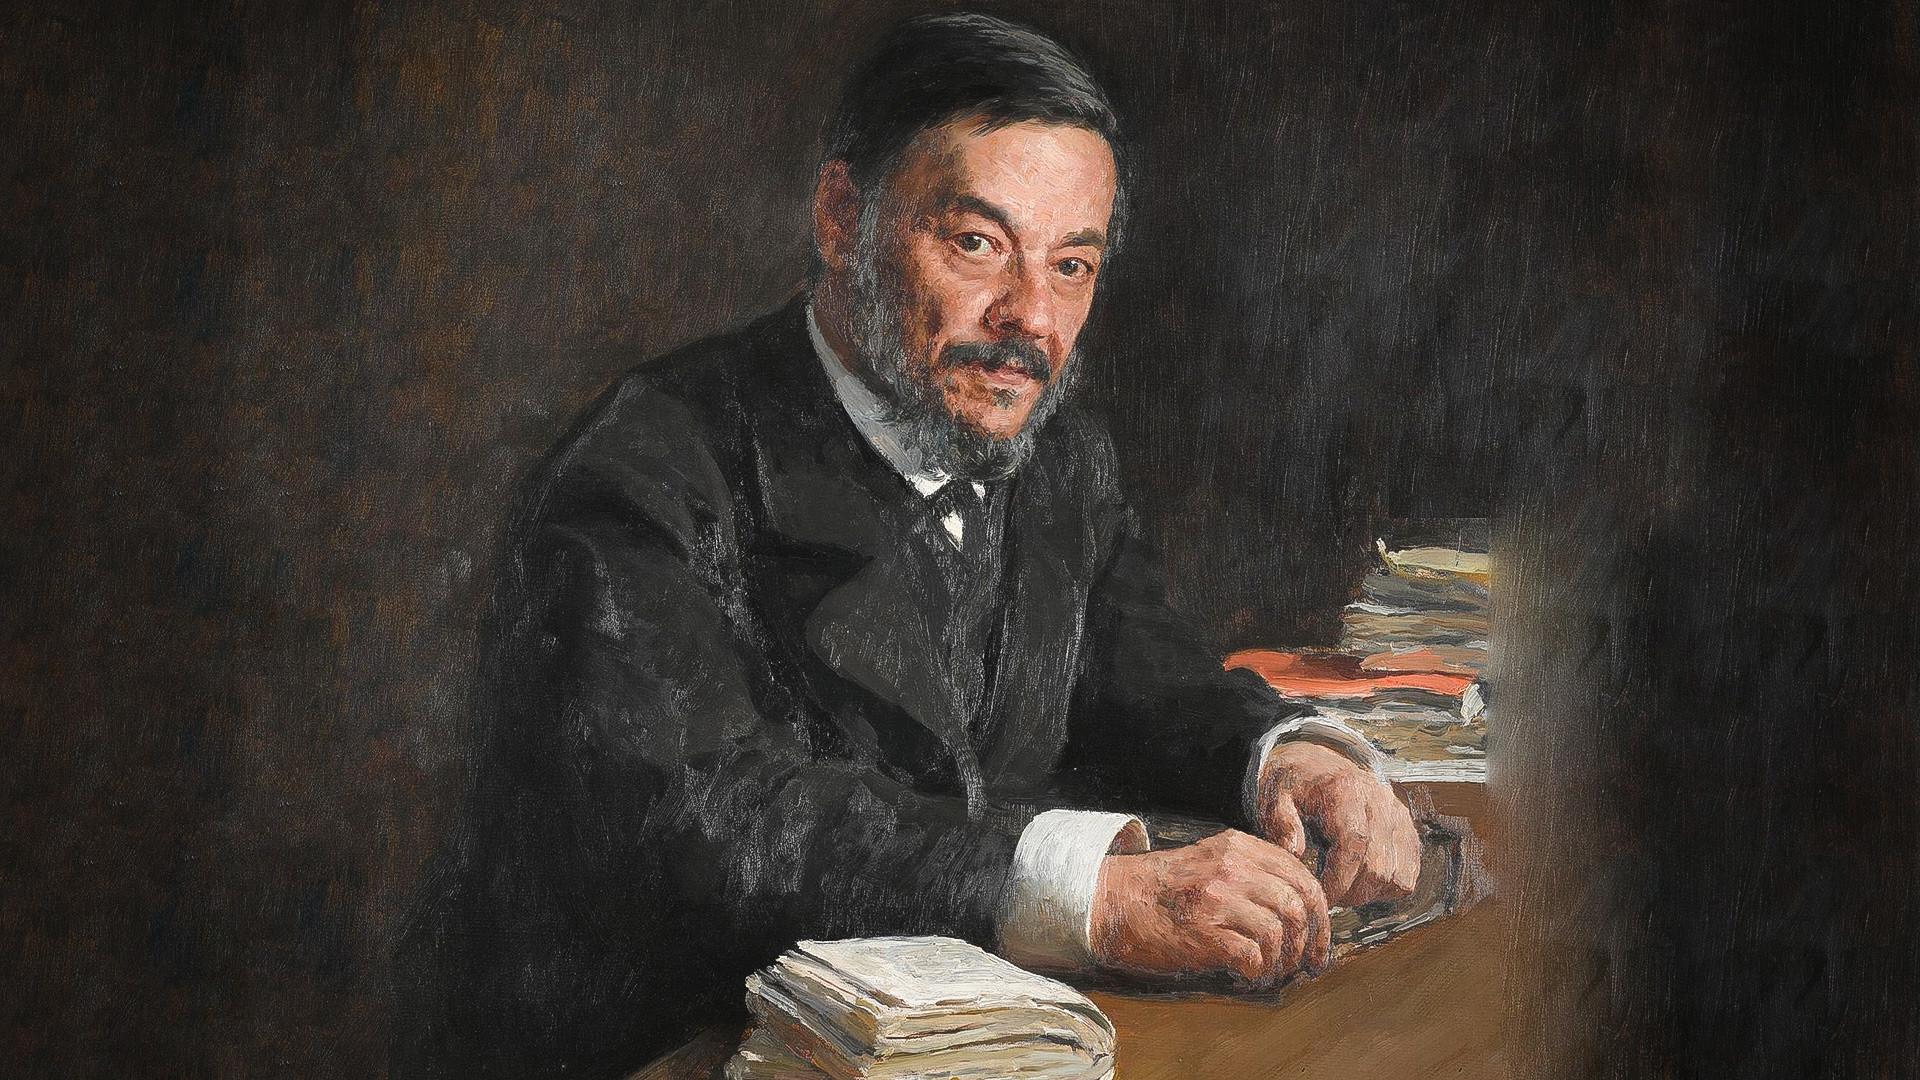 医学を変えた19世紀ロシアの名医4人 - ロシア・ビヨンド